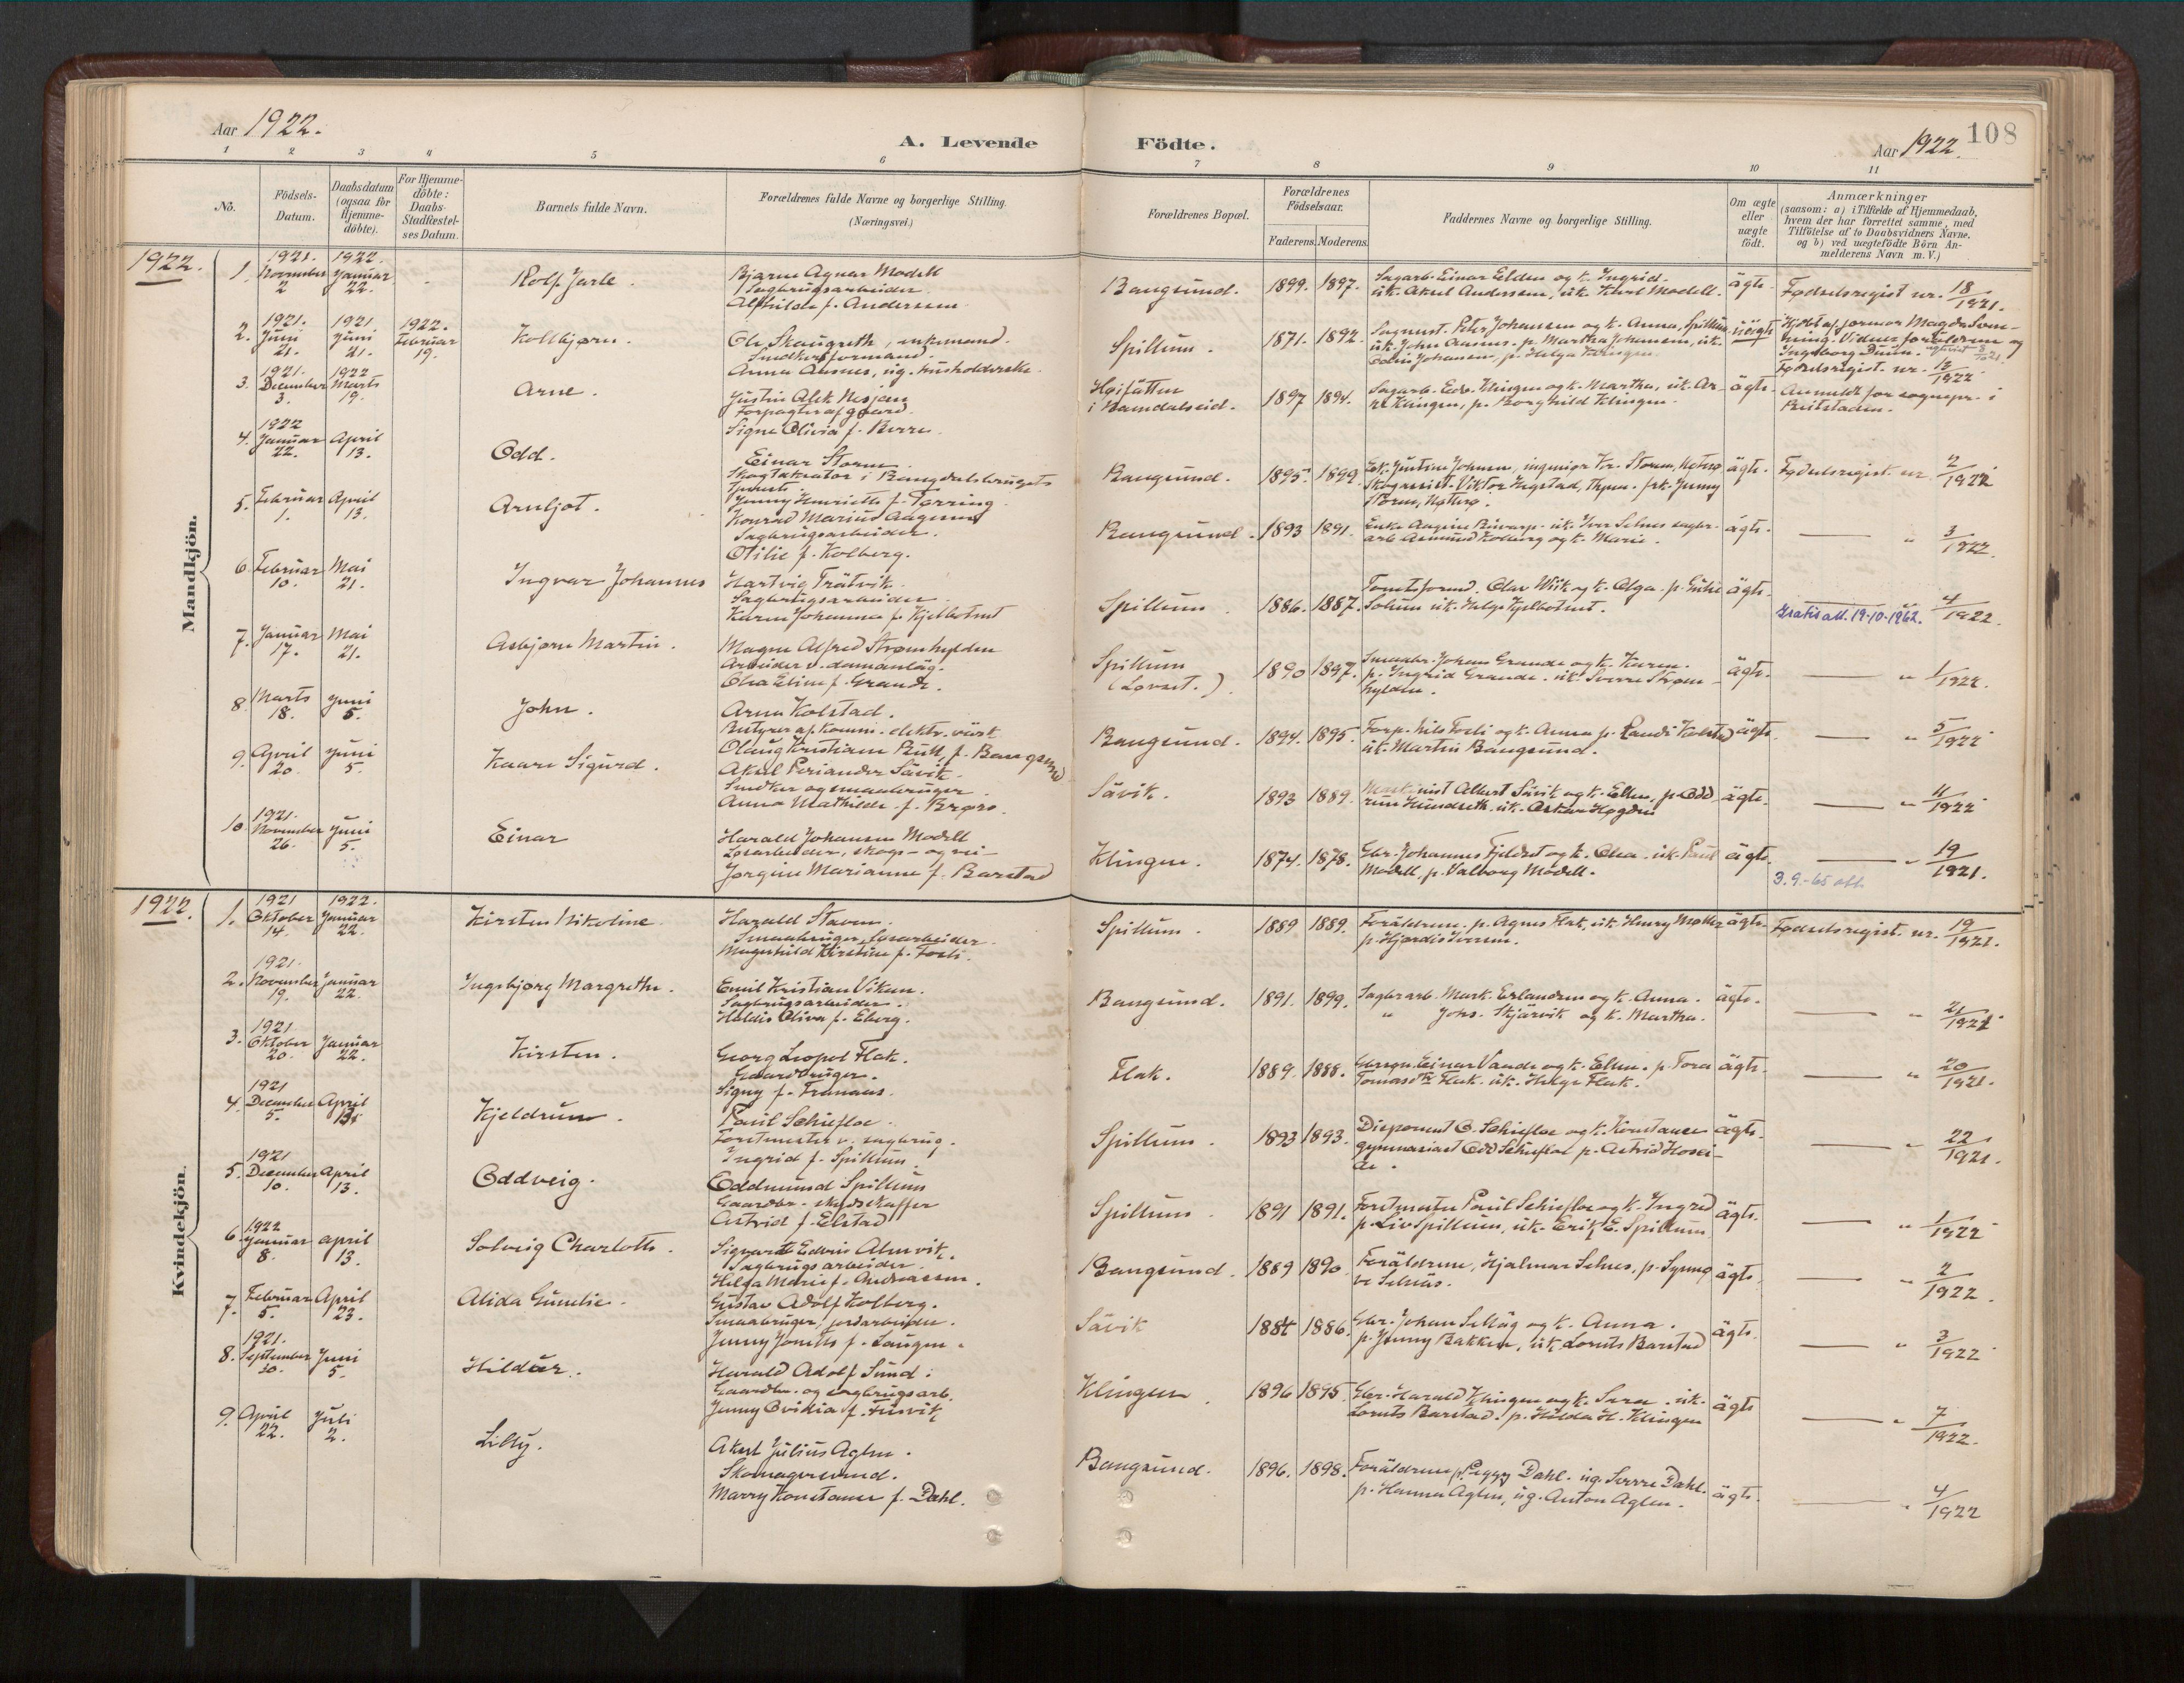 SAT, Ministerialprotokoller, klokkerbøker og fødselsregistre - Nord-Trøndelag, 770/L0589: Ministerialbok nr. 770A03, 1887-1929, s. 108